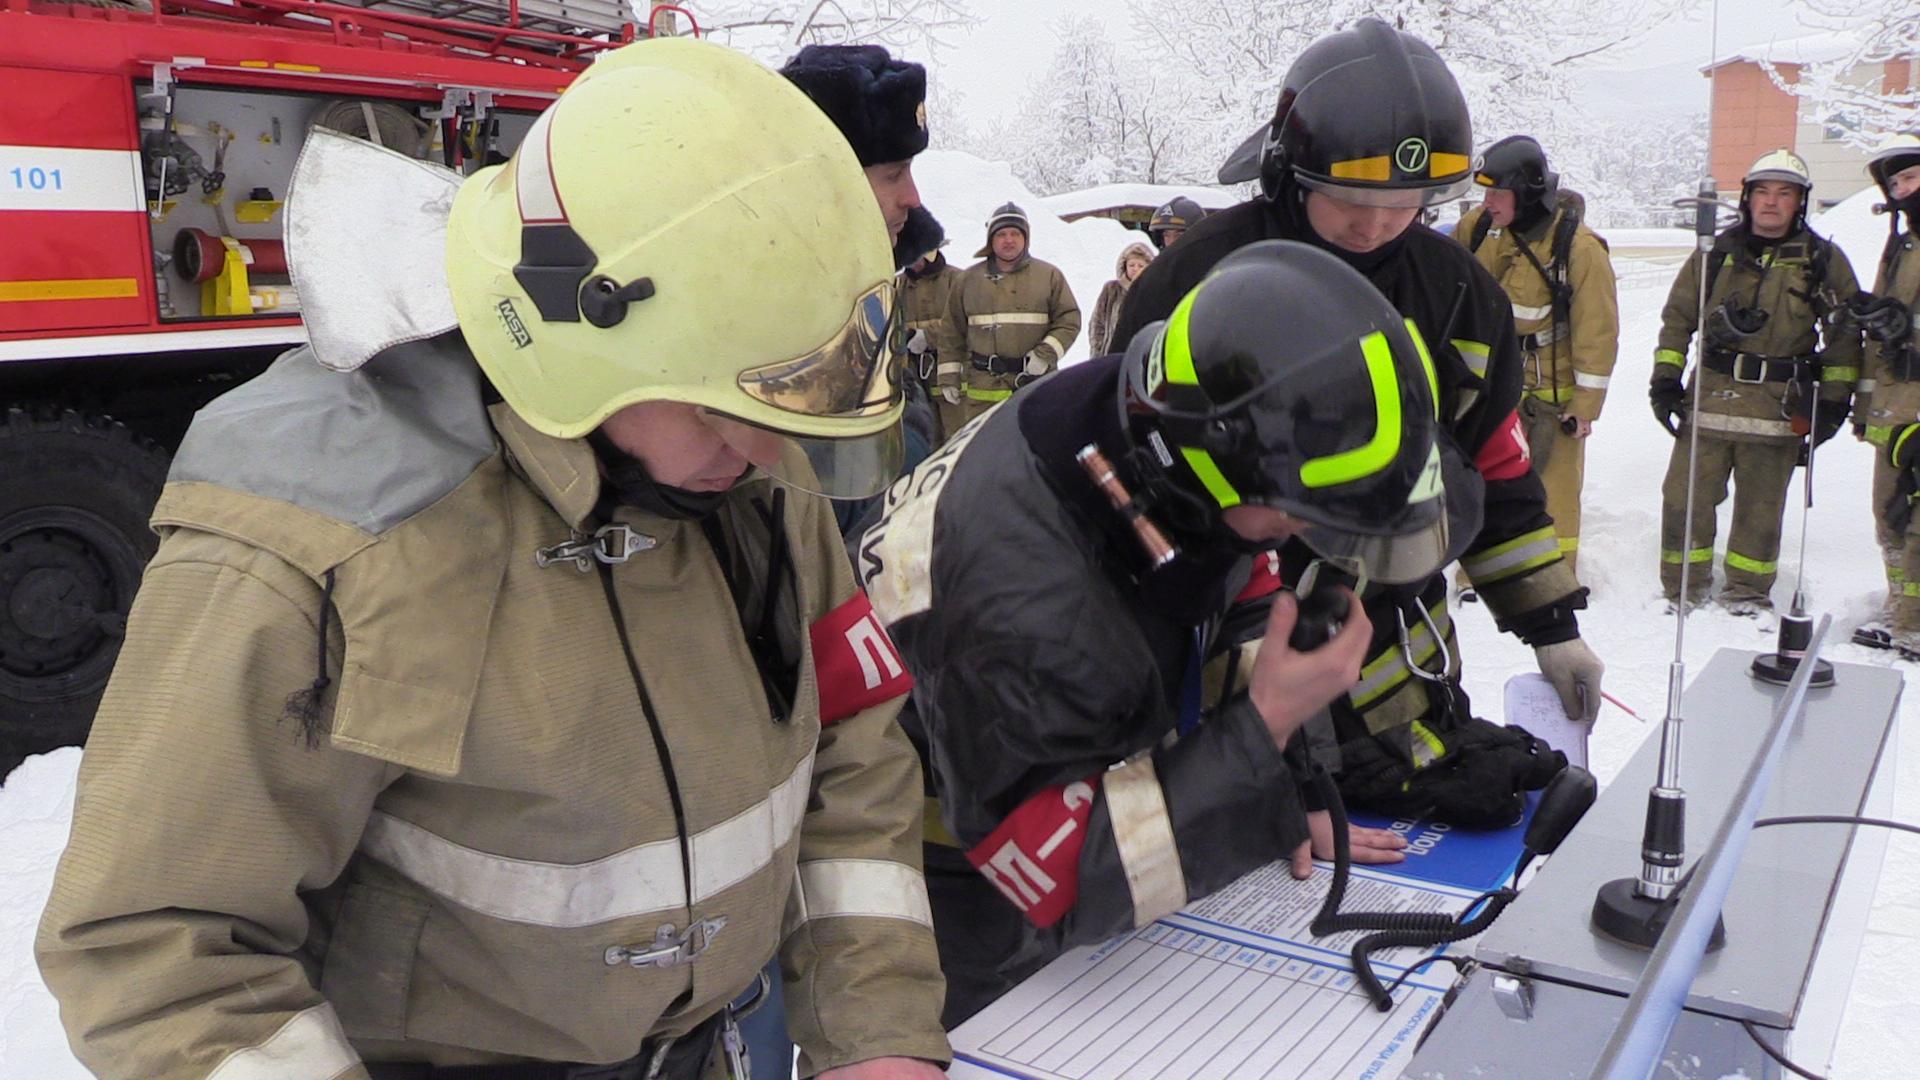 Начальник штаба – главный руководитель на пожаре